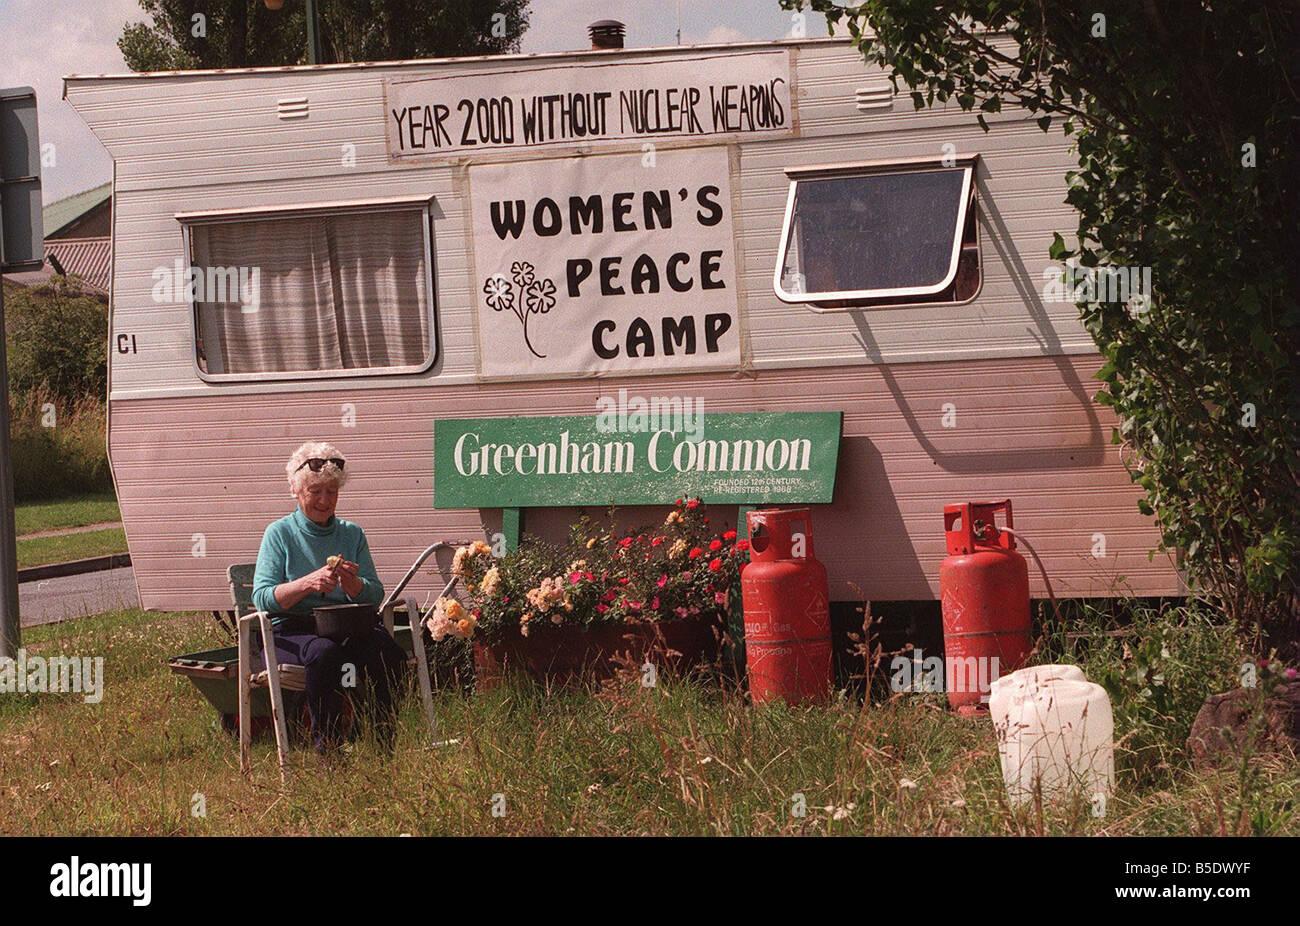 Les autres Greenham Common femme protestataires Penny prépare le dîner à l'extérieur de Photo Stock